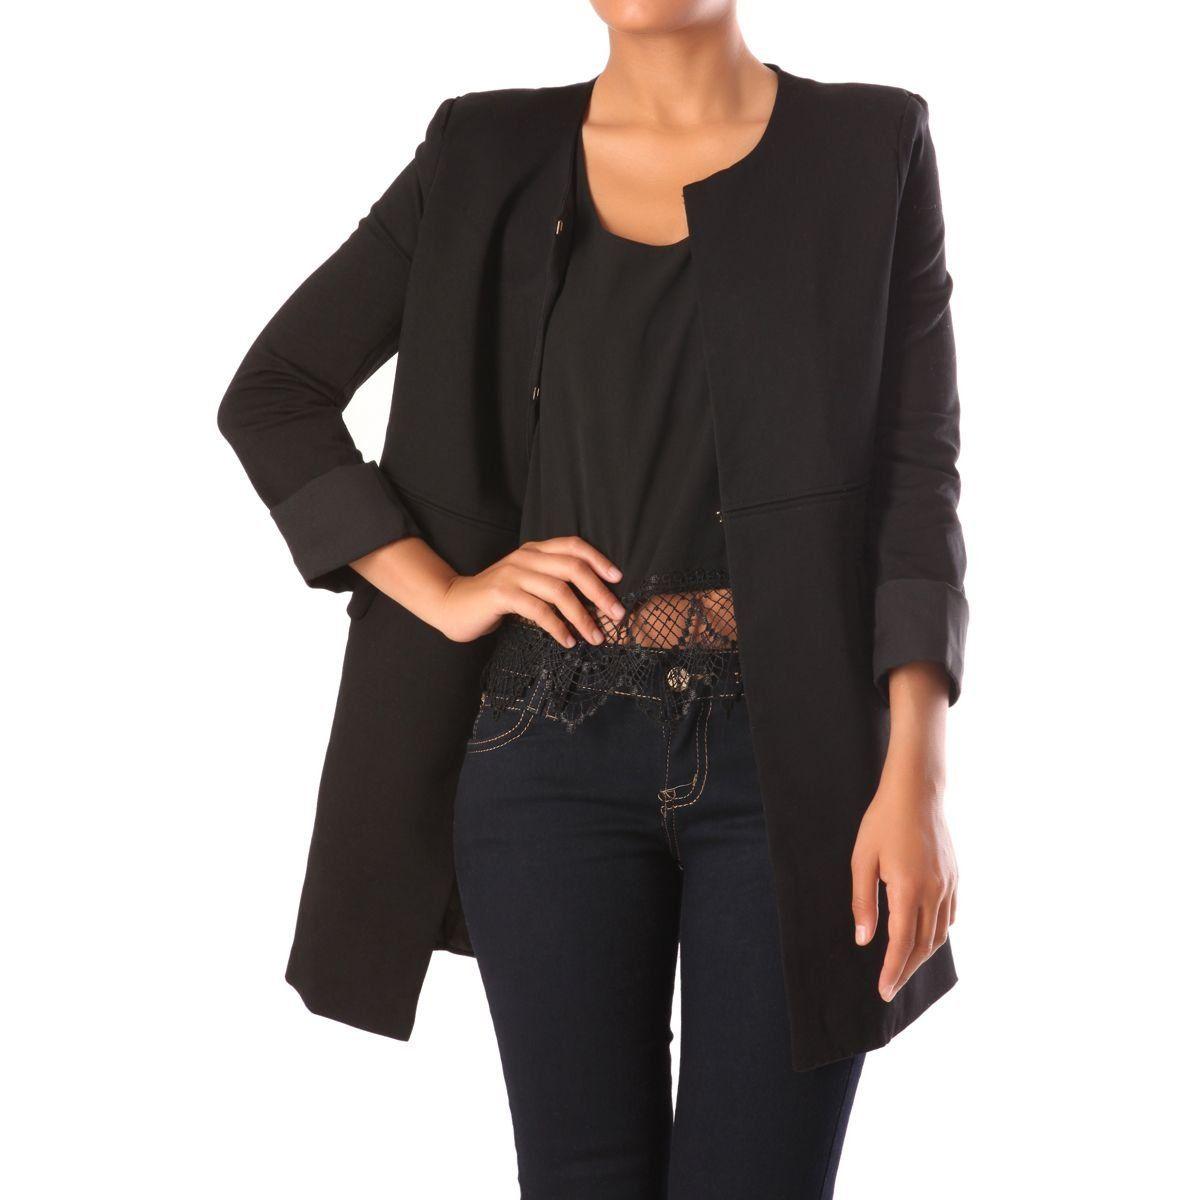 Vêtements Noir Coupe Modeuse Droite La Longue Mi Veste p0FxxqgY